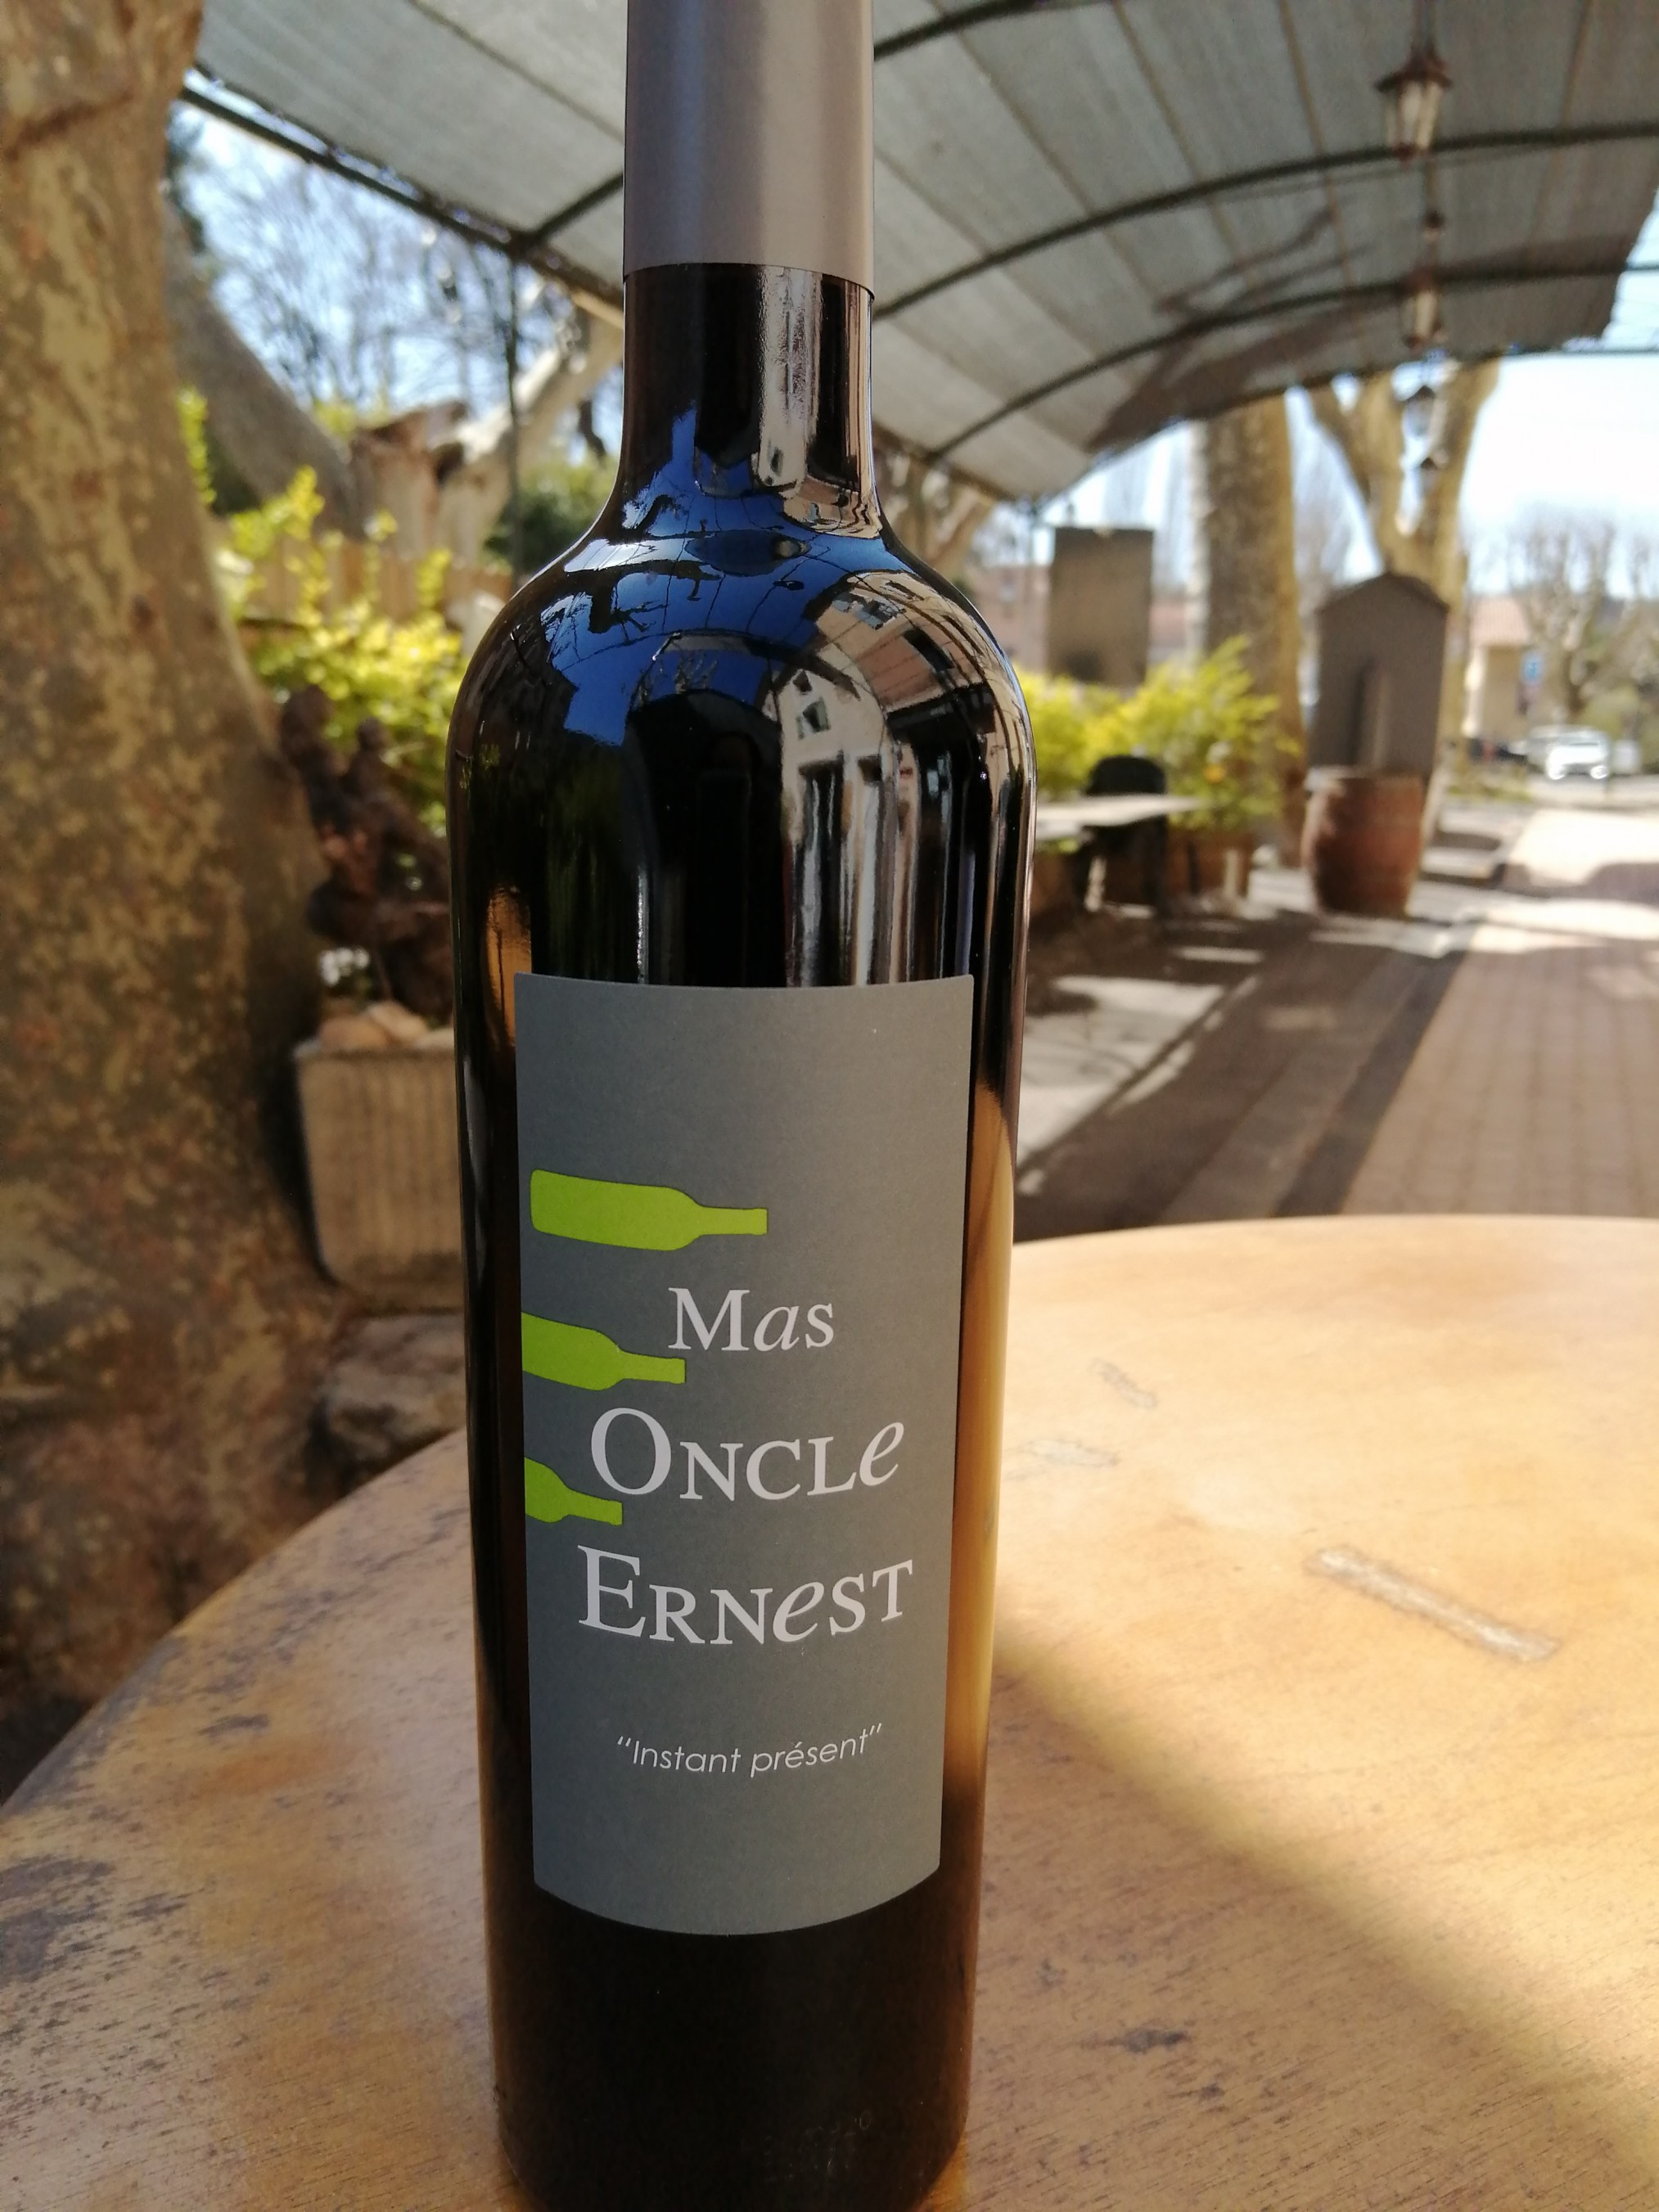 Mas Oncle Ernest. Instant Présent. AOP Ventoux 2019